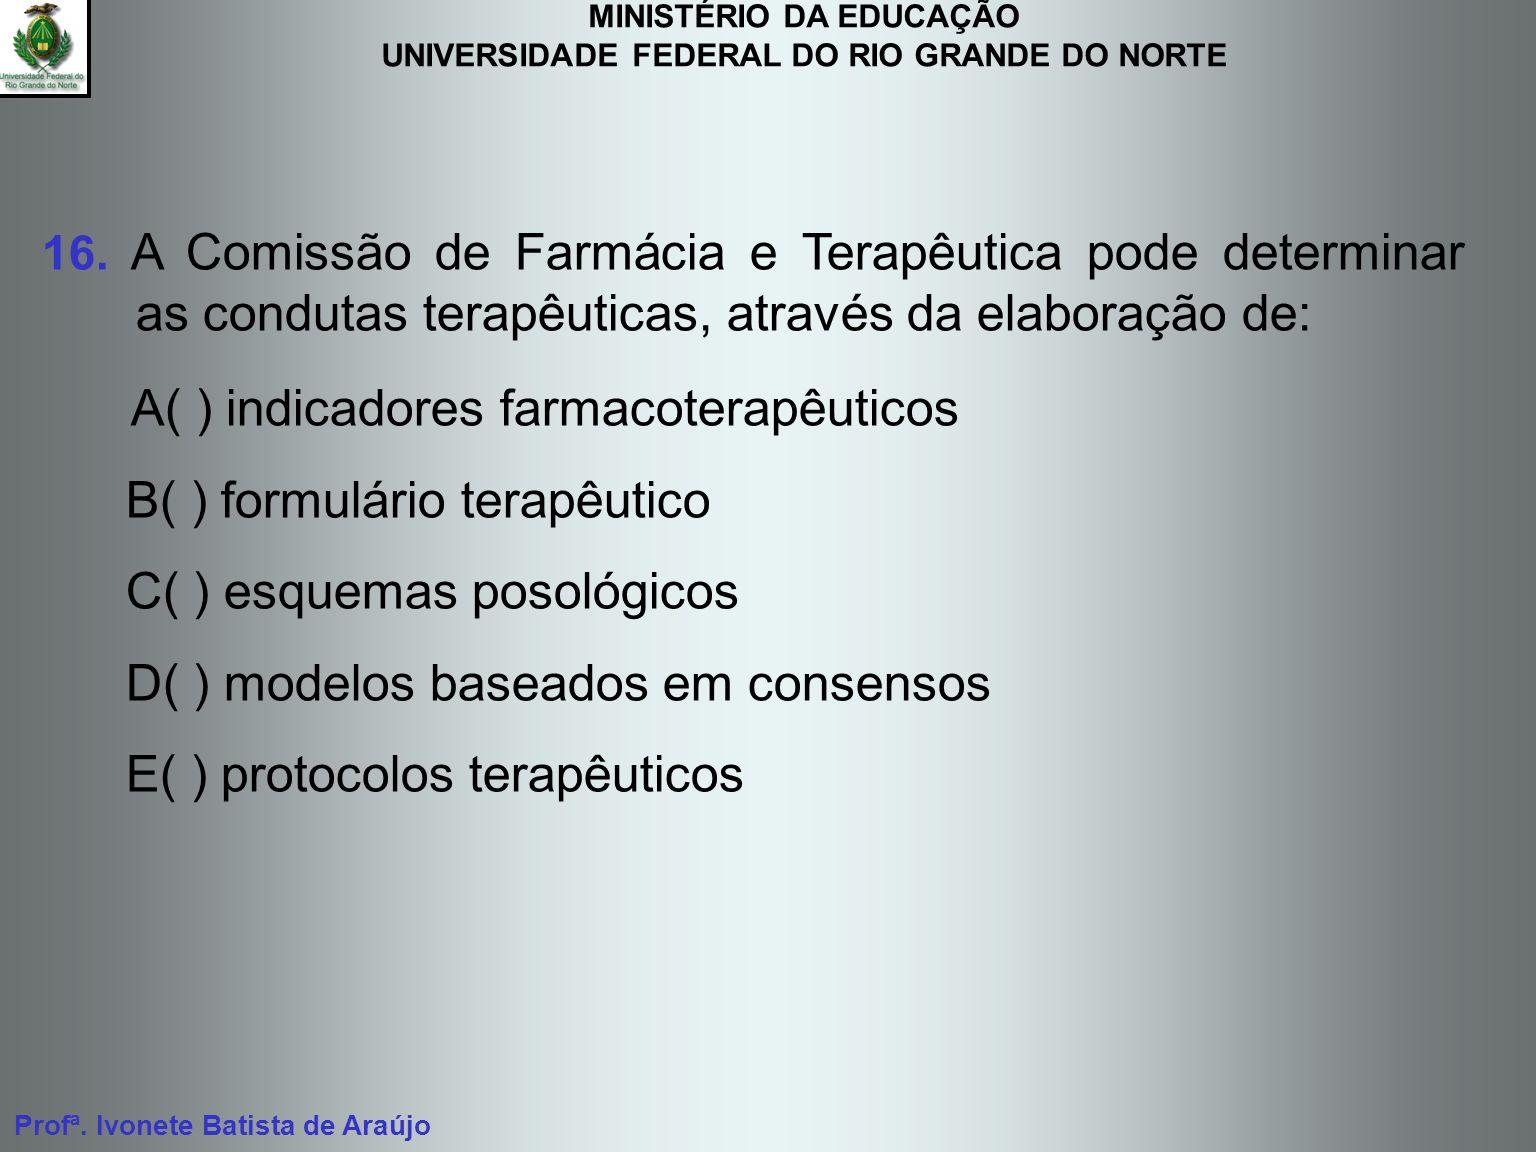 MINISTÉRIO DA EDUCAÇÃO UNIVERSIDADE FEDERAL DO RIO GRANDE DO NORTE Profª. Ivonete Batista de Araújo 16. A Comissão de Farmácia e Terapêutica pode dete